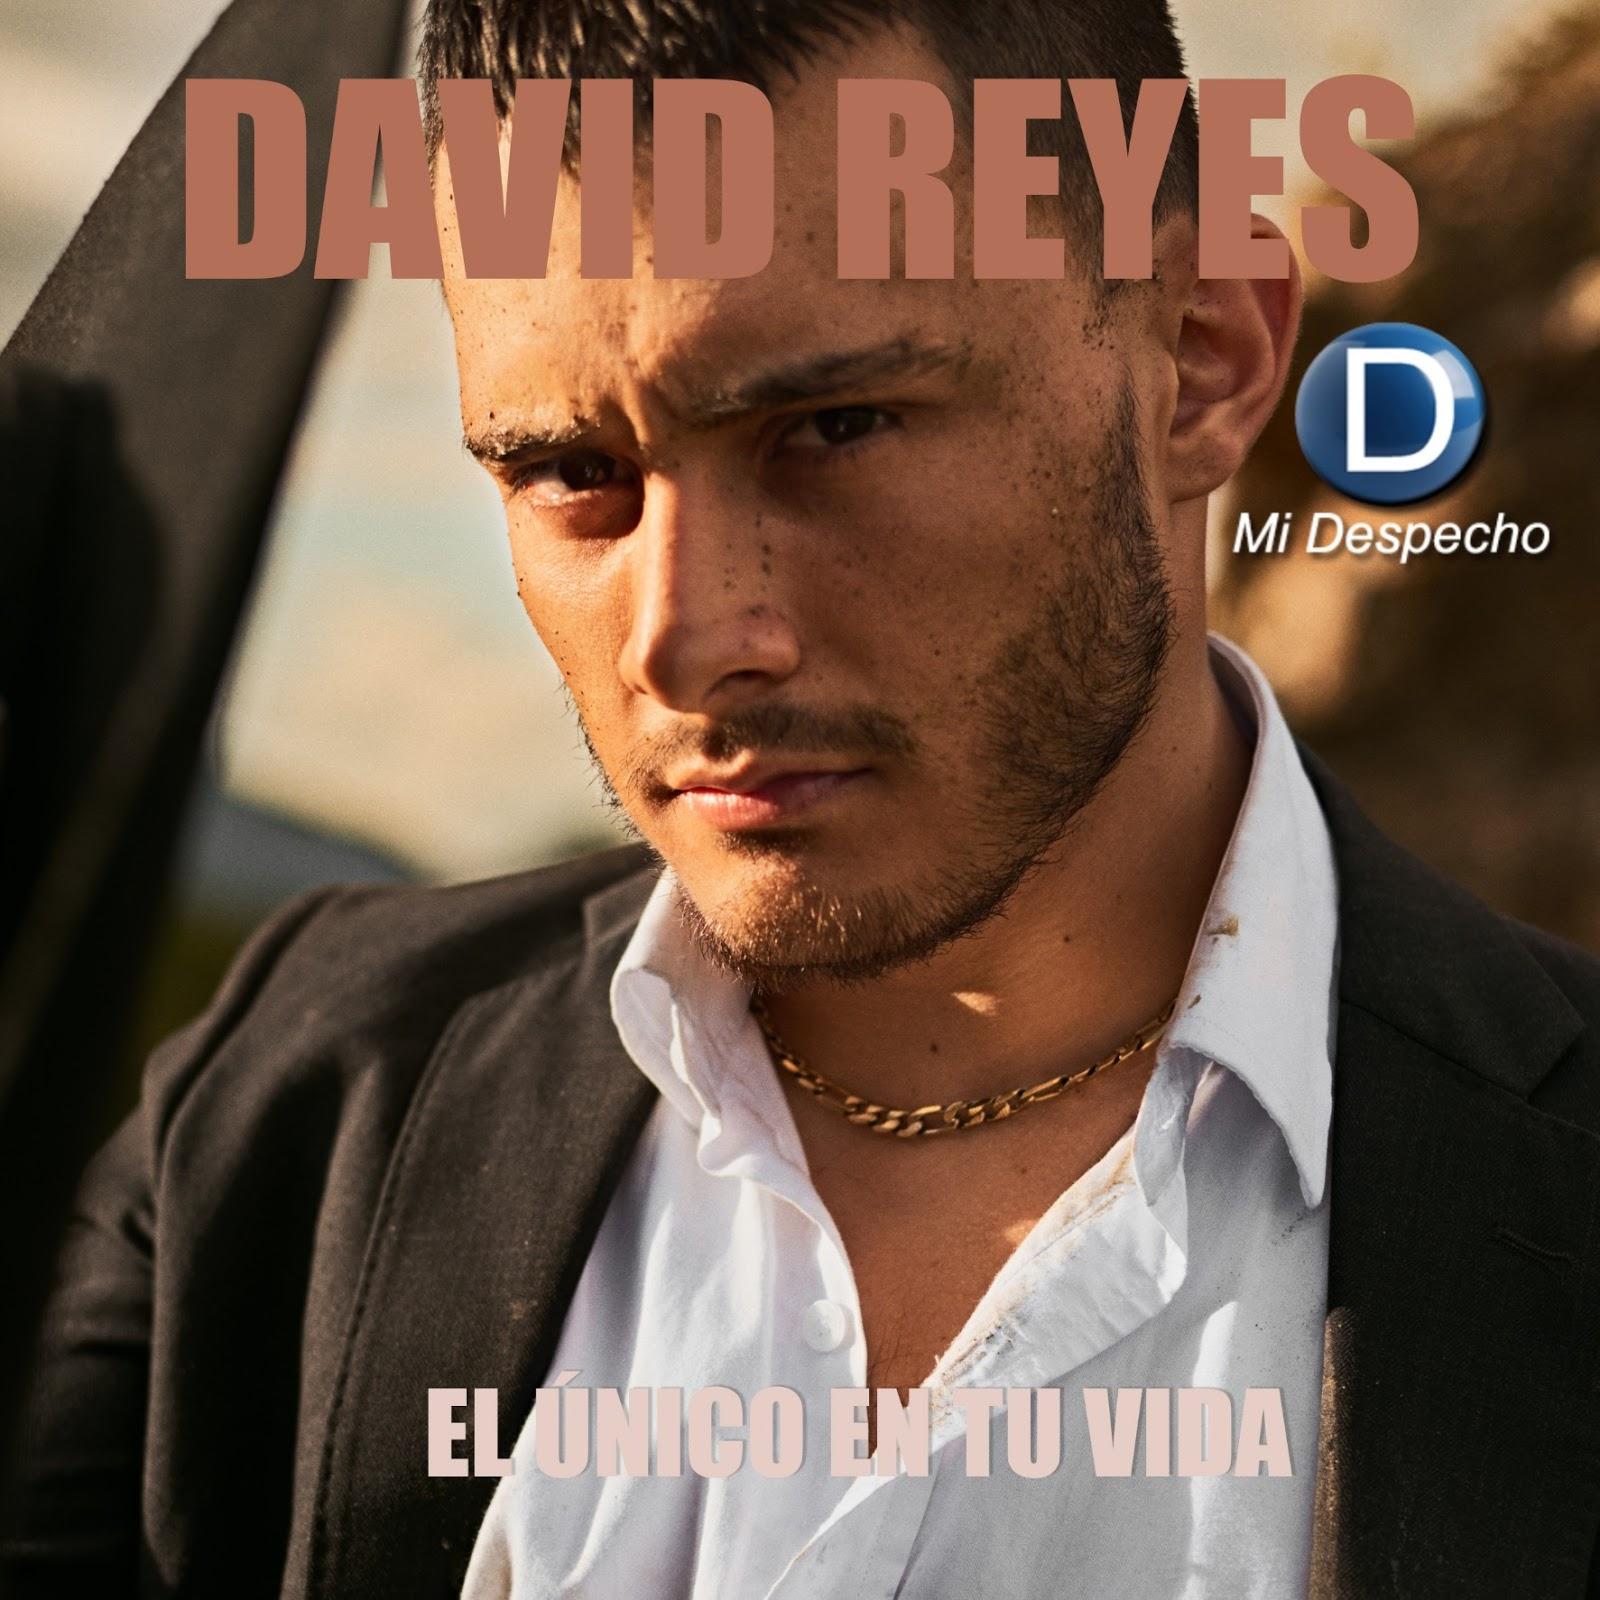 David Reyes El Único En Tu Vida Interior Frontal